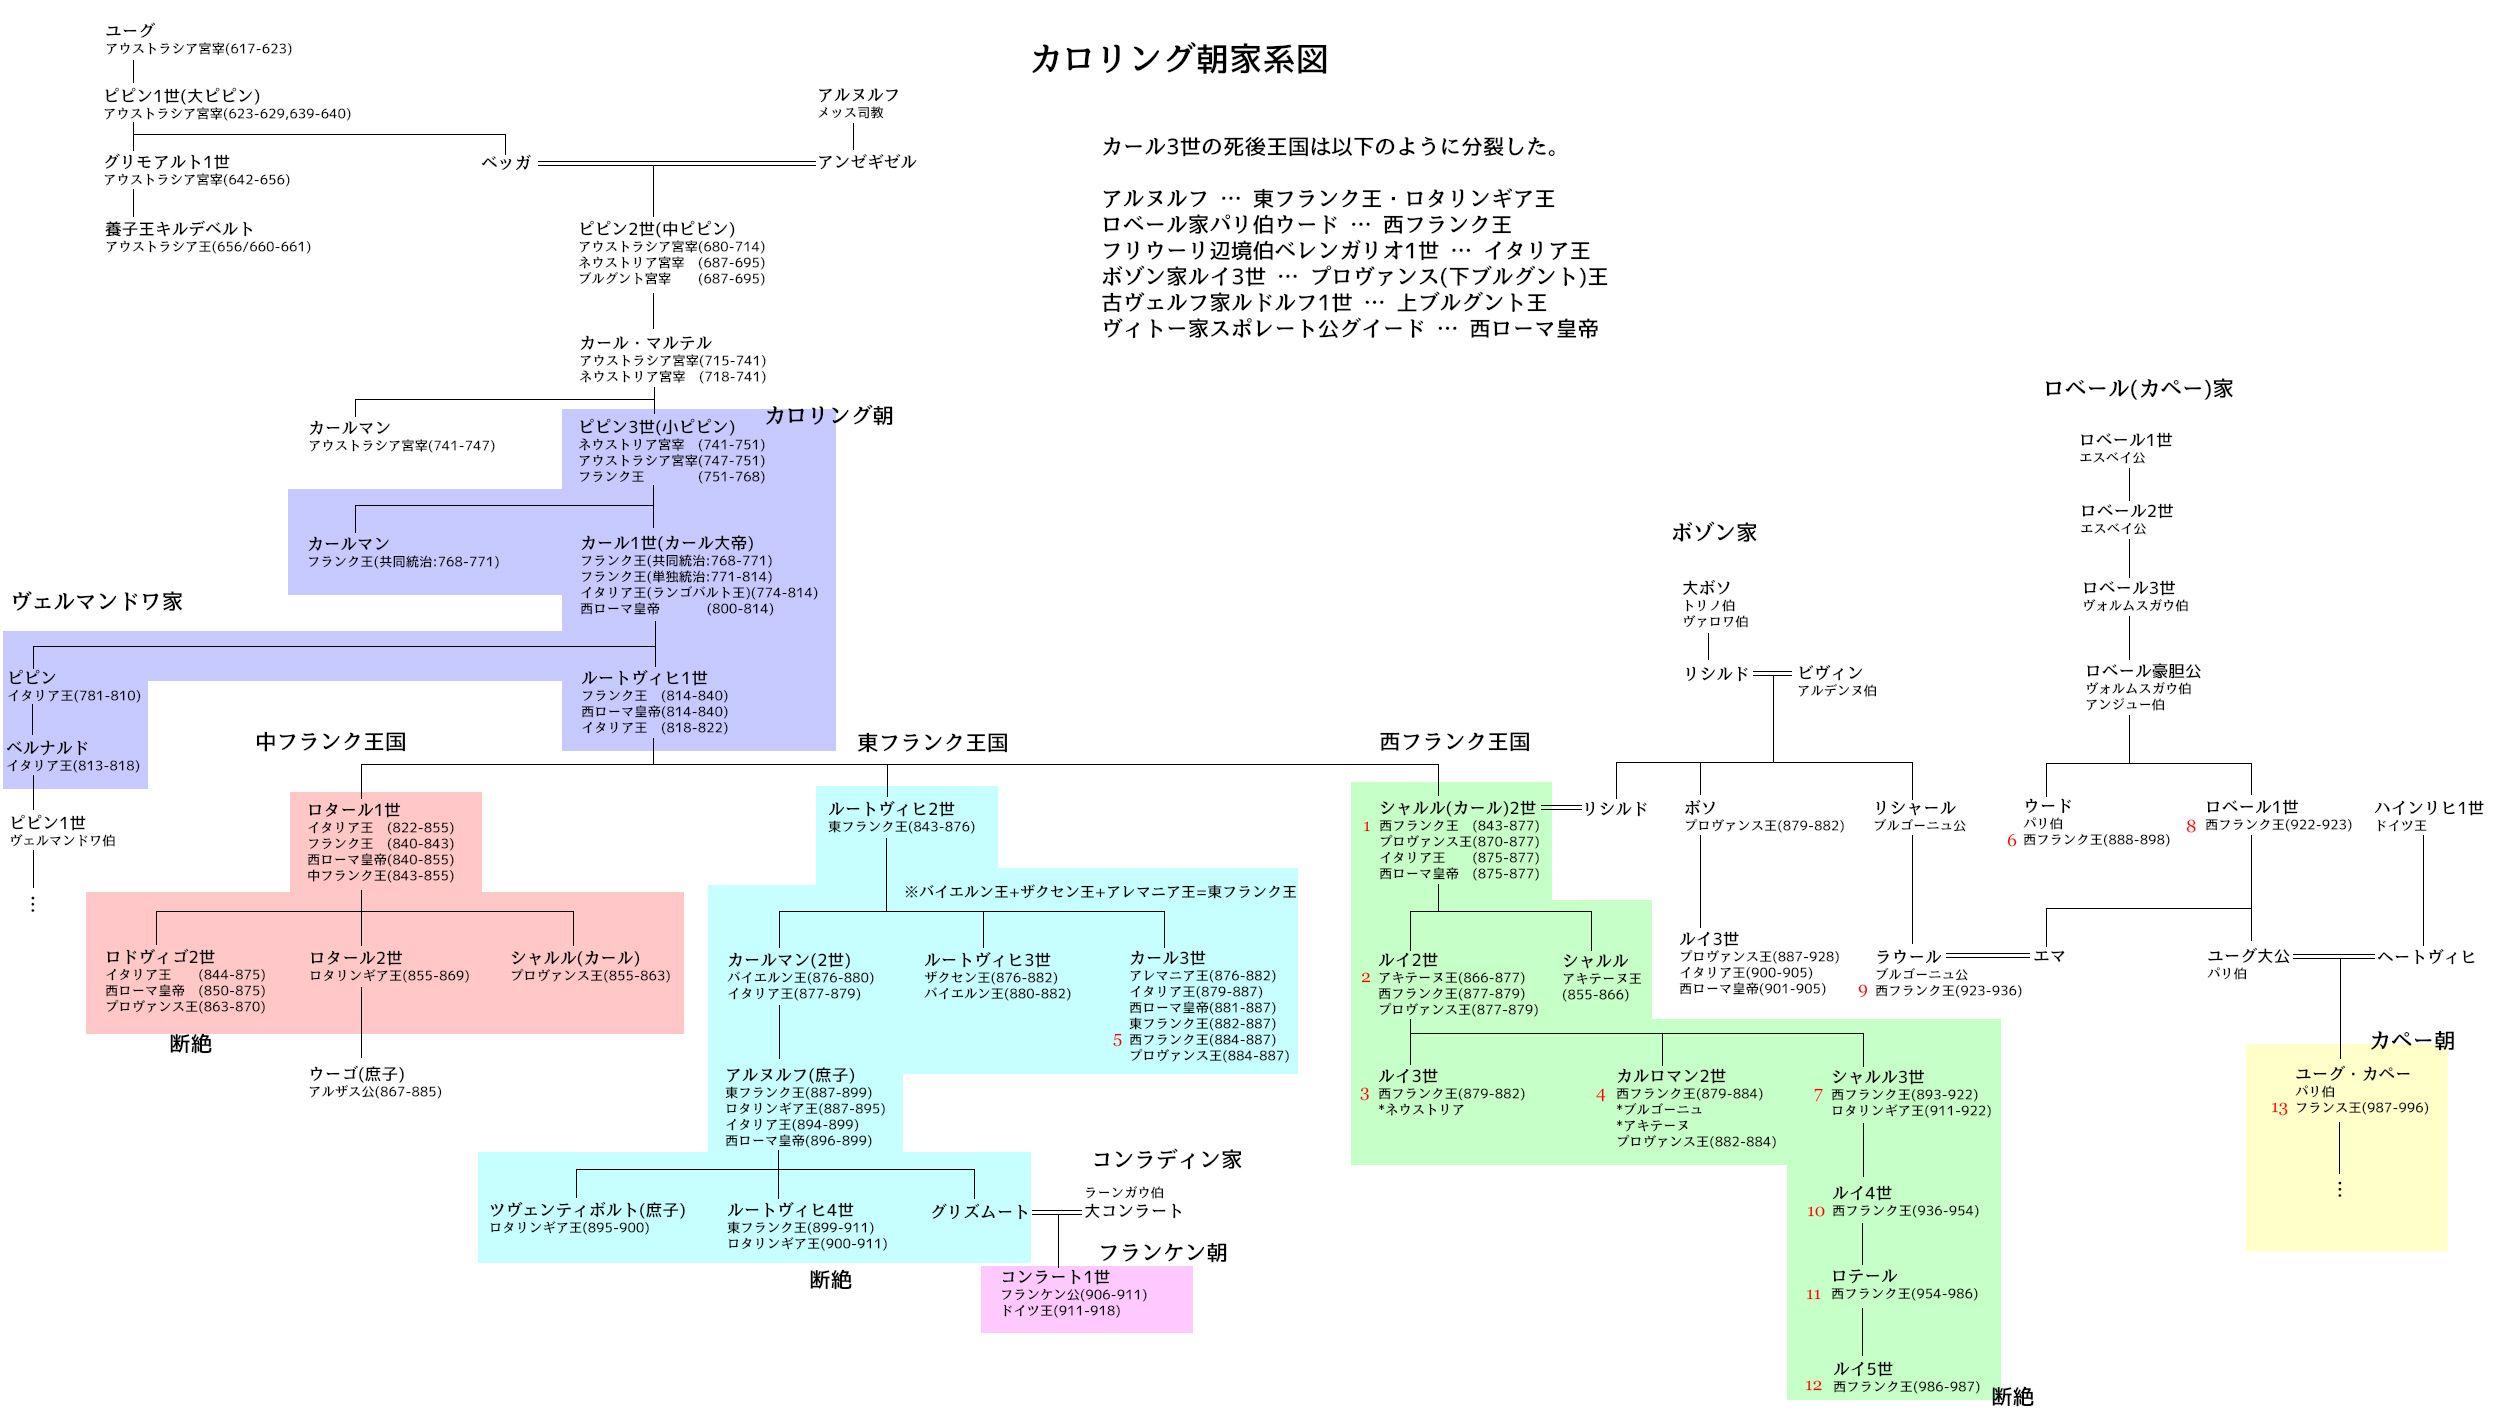 フランク王 カロリング朝 家系図 家系図 系図